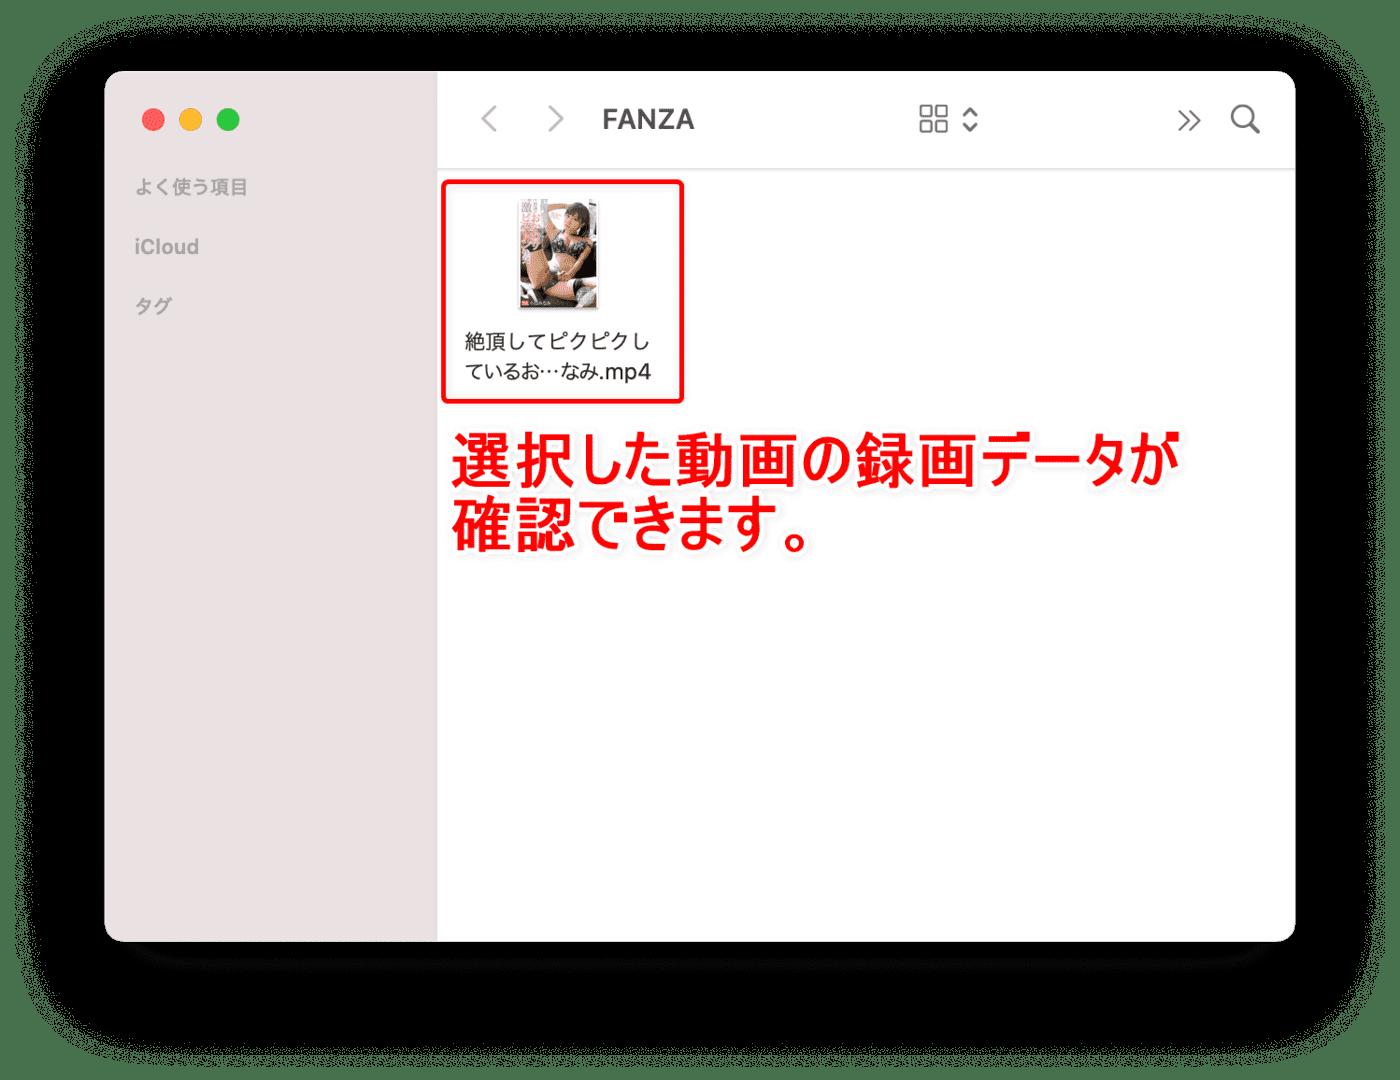 【Mac版FANZAのDRM解除方法】ストリーミング動画を画面録画!FANZAのDRM解除方法Mac版 録画保存した動画はスマホでオフライン再生可能! 録画方法:録画(ダウンロード)が完了すると自動的に動画のダウンロード先フォルダが立ち上がって、動画データを確認することができます。